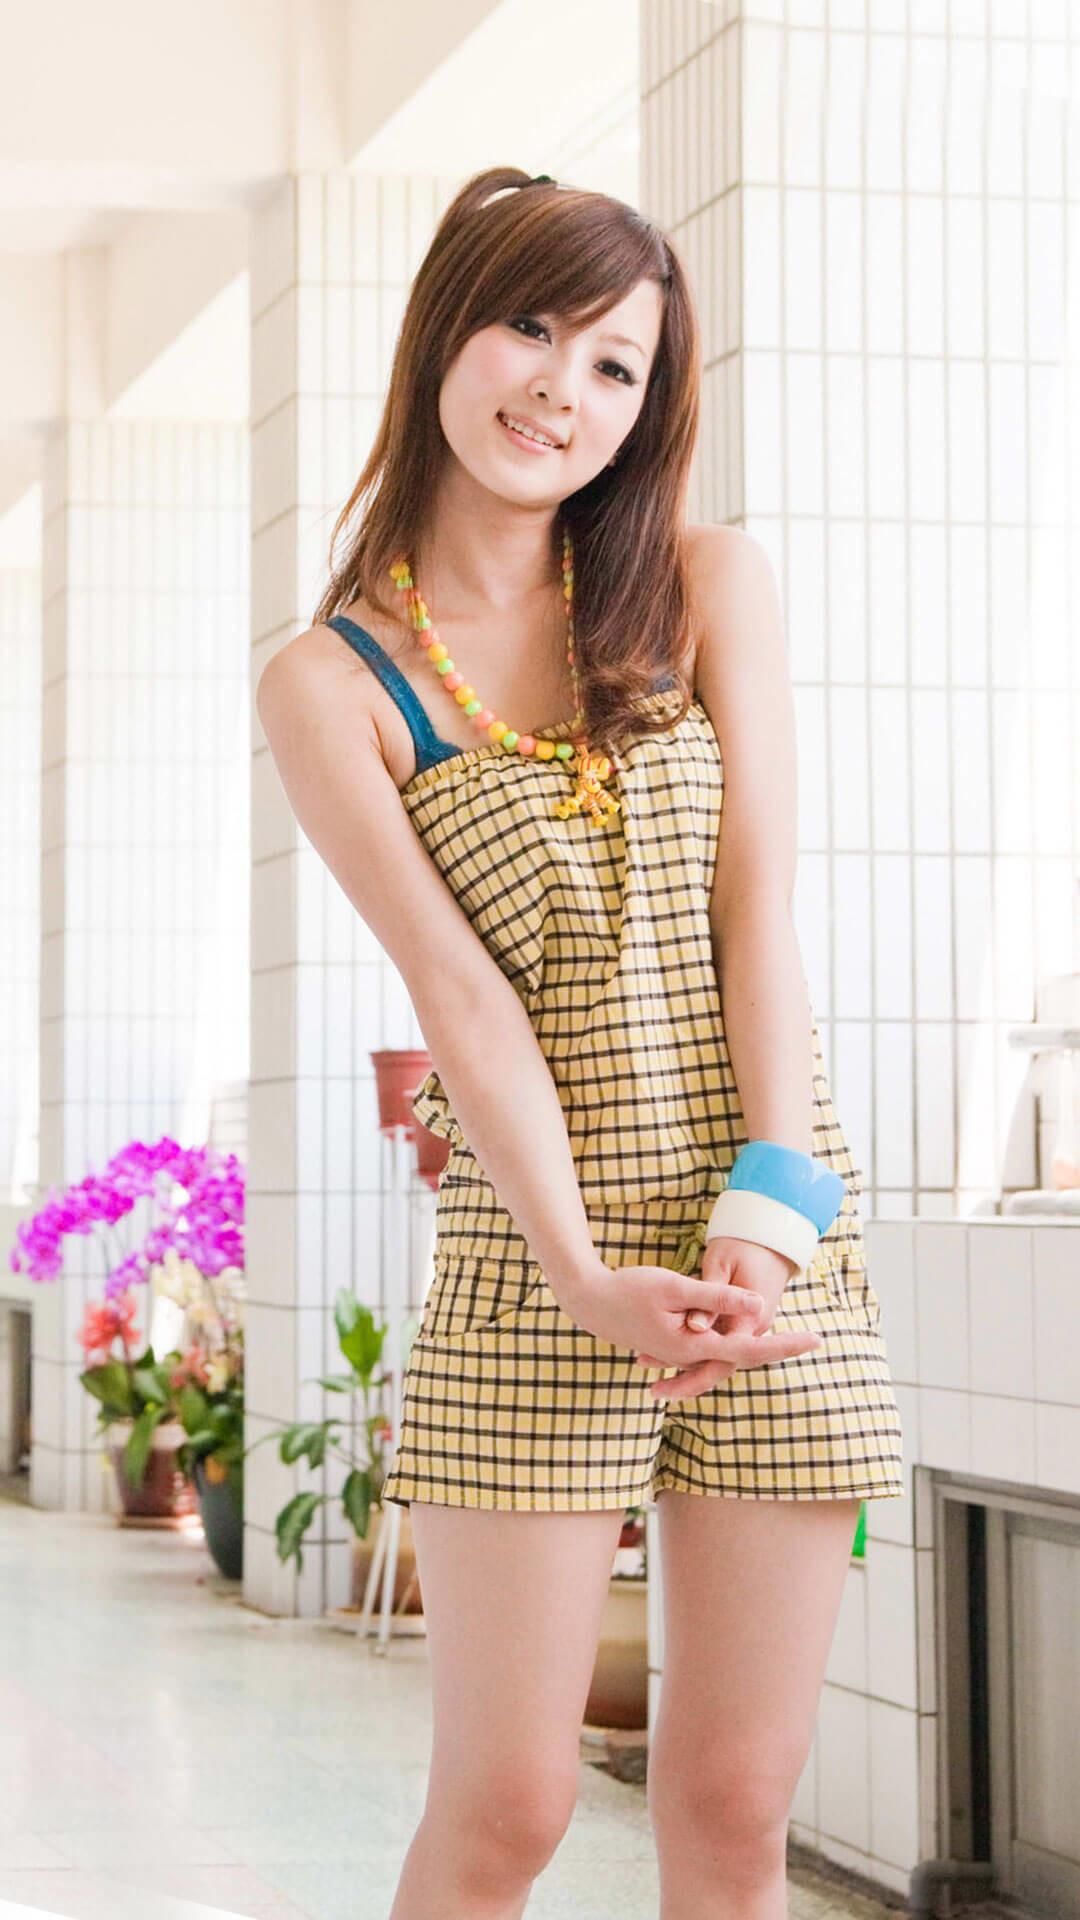 Cute Asian Girl iOS 9 Wallpaper HD